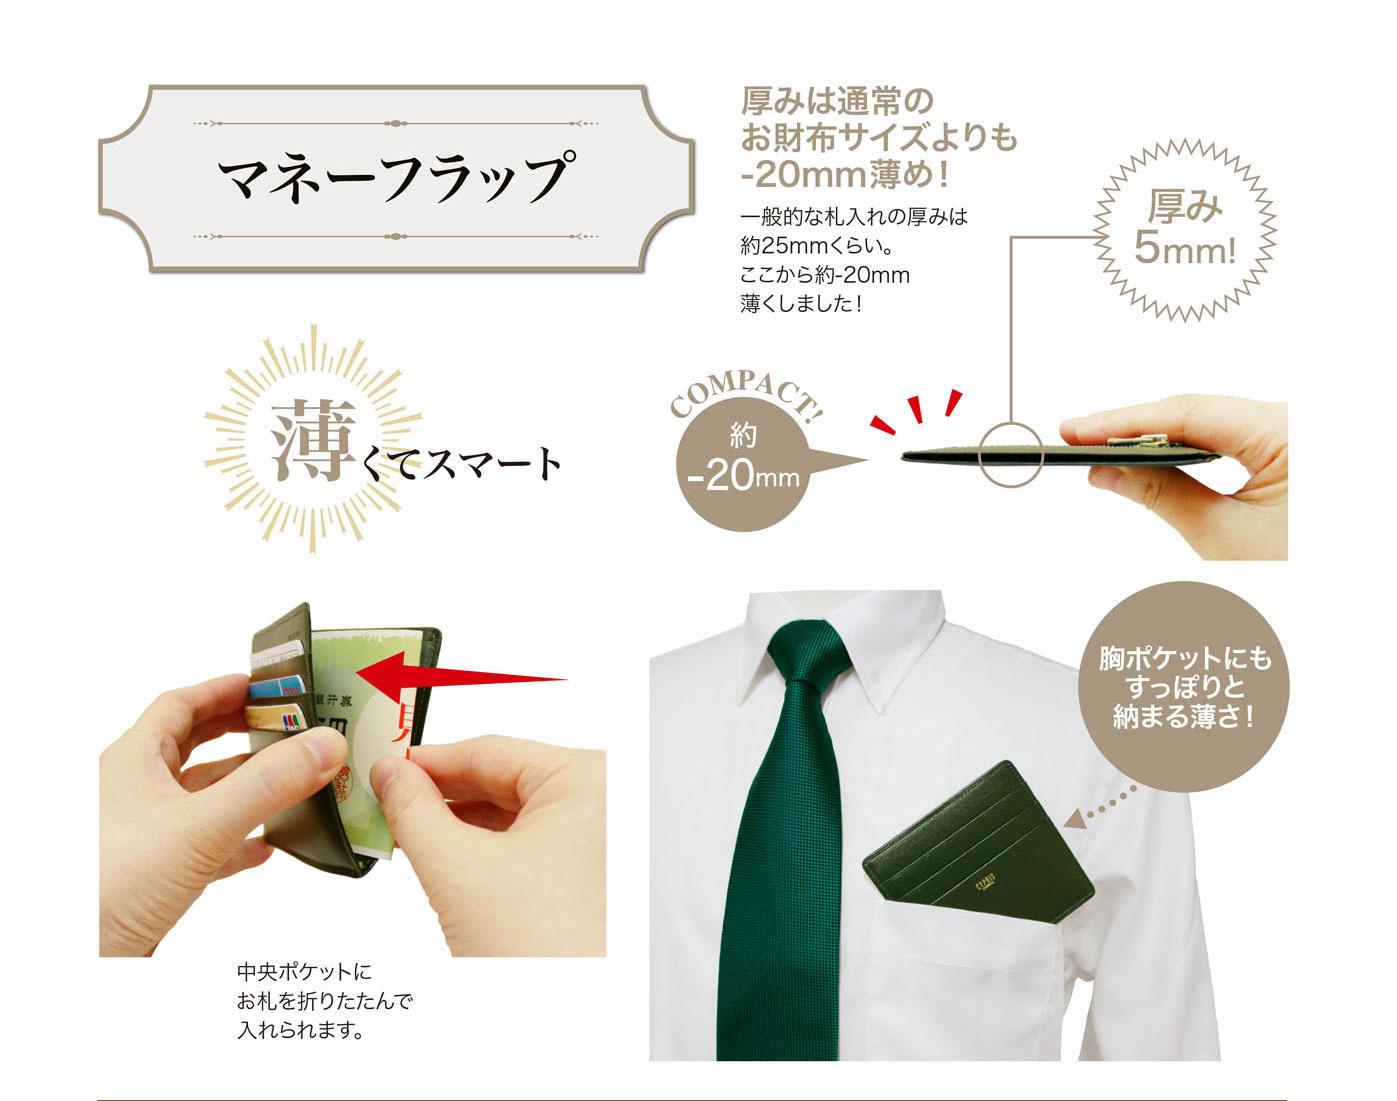 キプリスボックスカーフ 小銭入れ付きカードケース(マネーフラップ)。厚みは通常のお財布サイズよりも-20mm薄め!薄くてスマート。胸ポケットにもすっぽりと納まります。